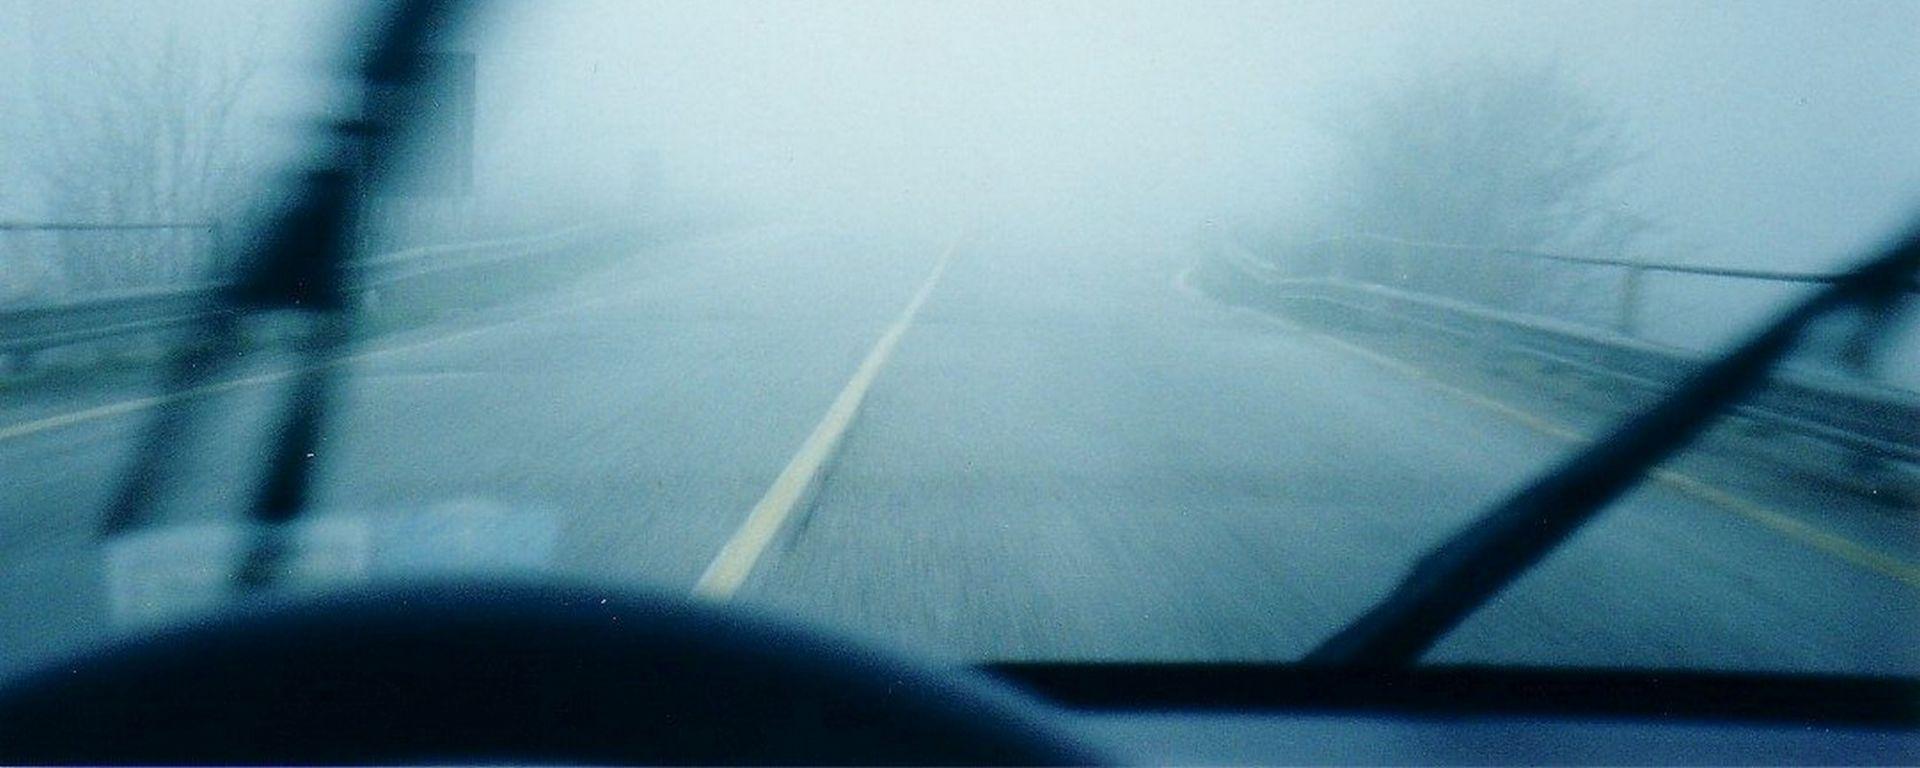 Nebbia fitta, come guidare?